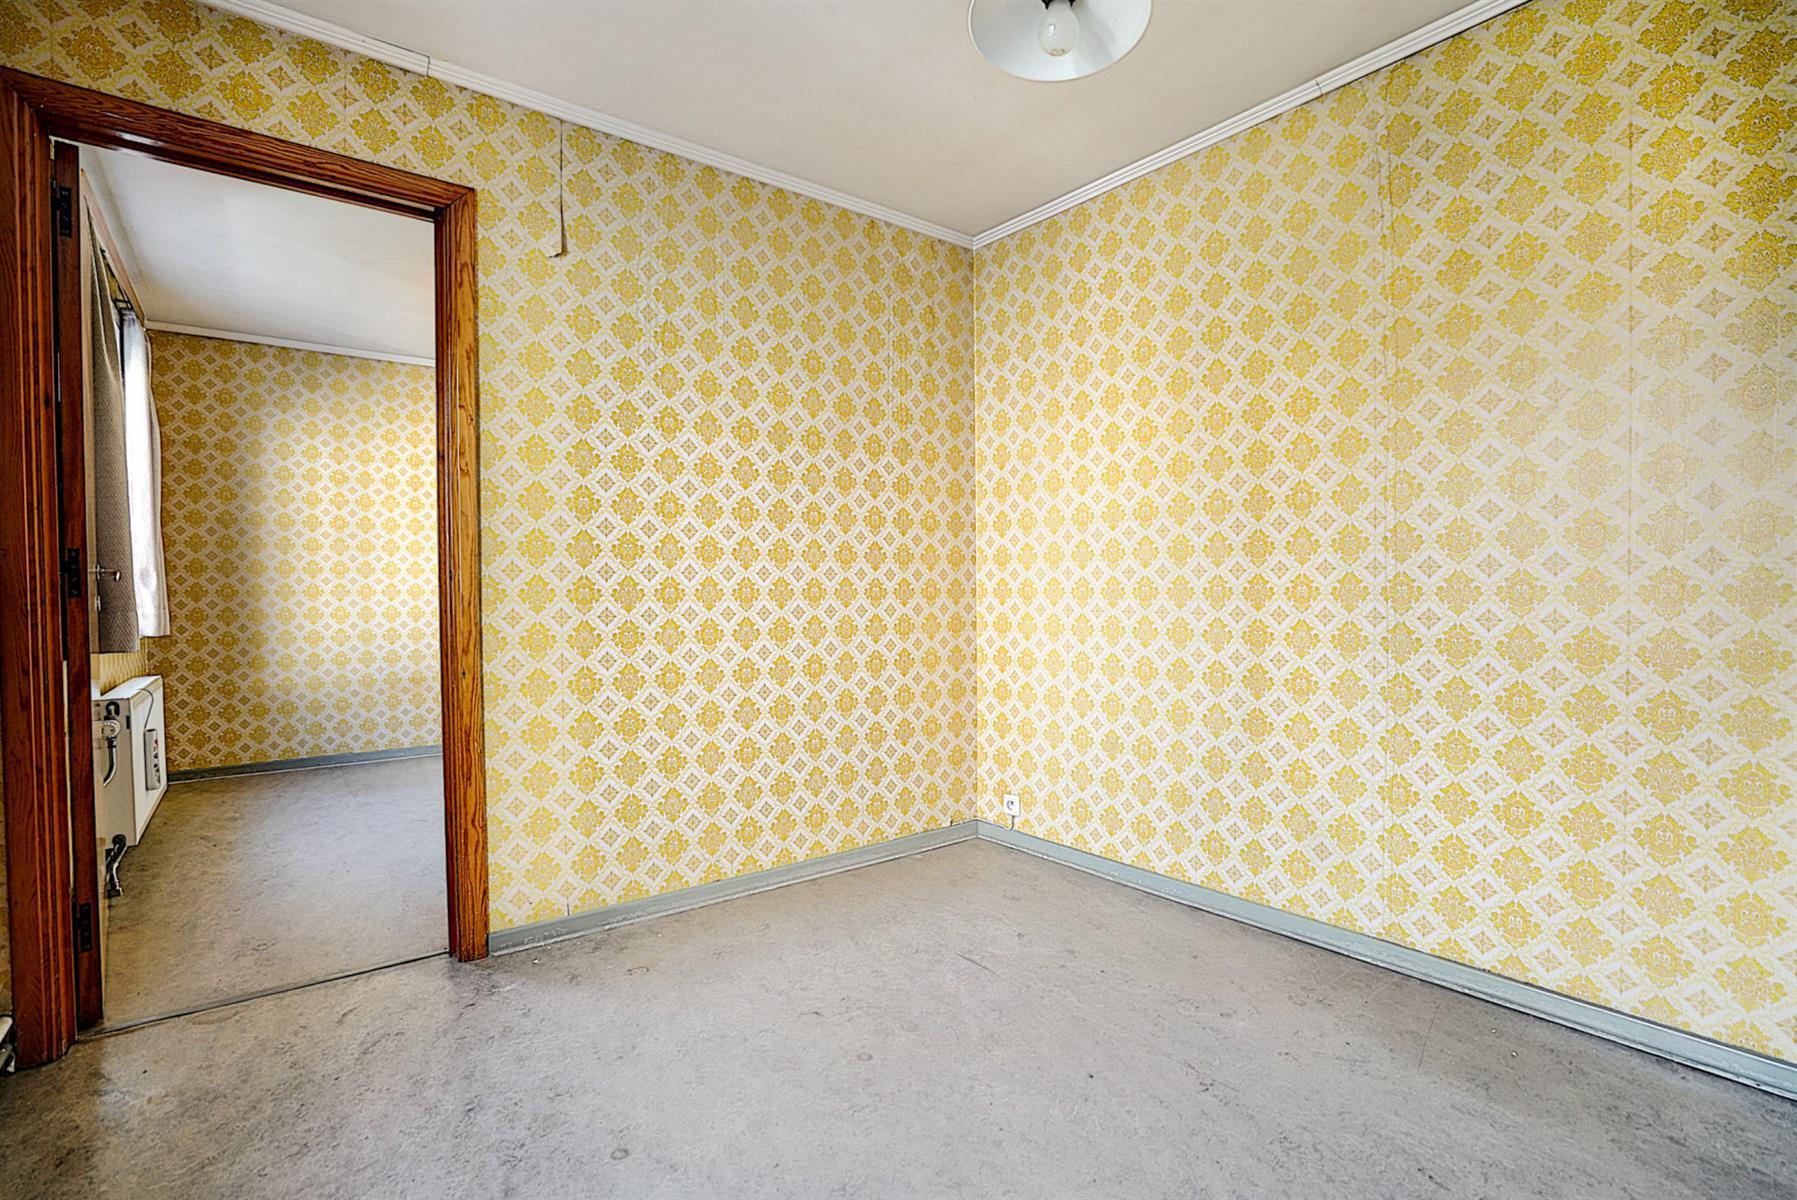 Maison de maître - Nil-saint-vincent-saint-martin - #4206773-20